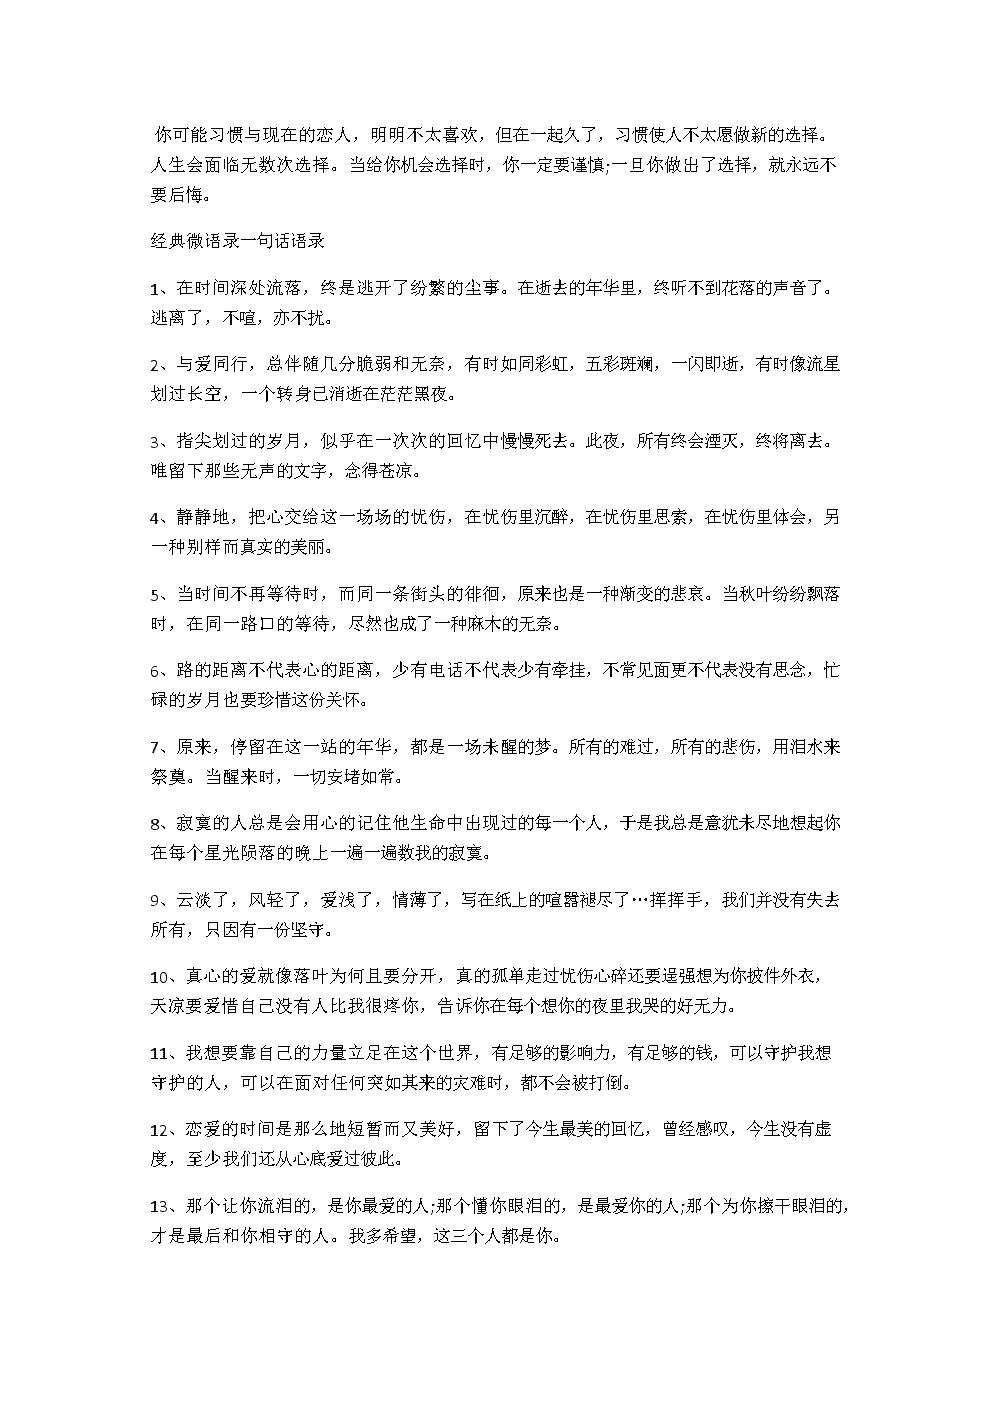 经典微卫语录.docx